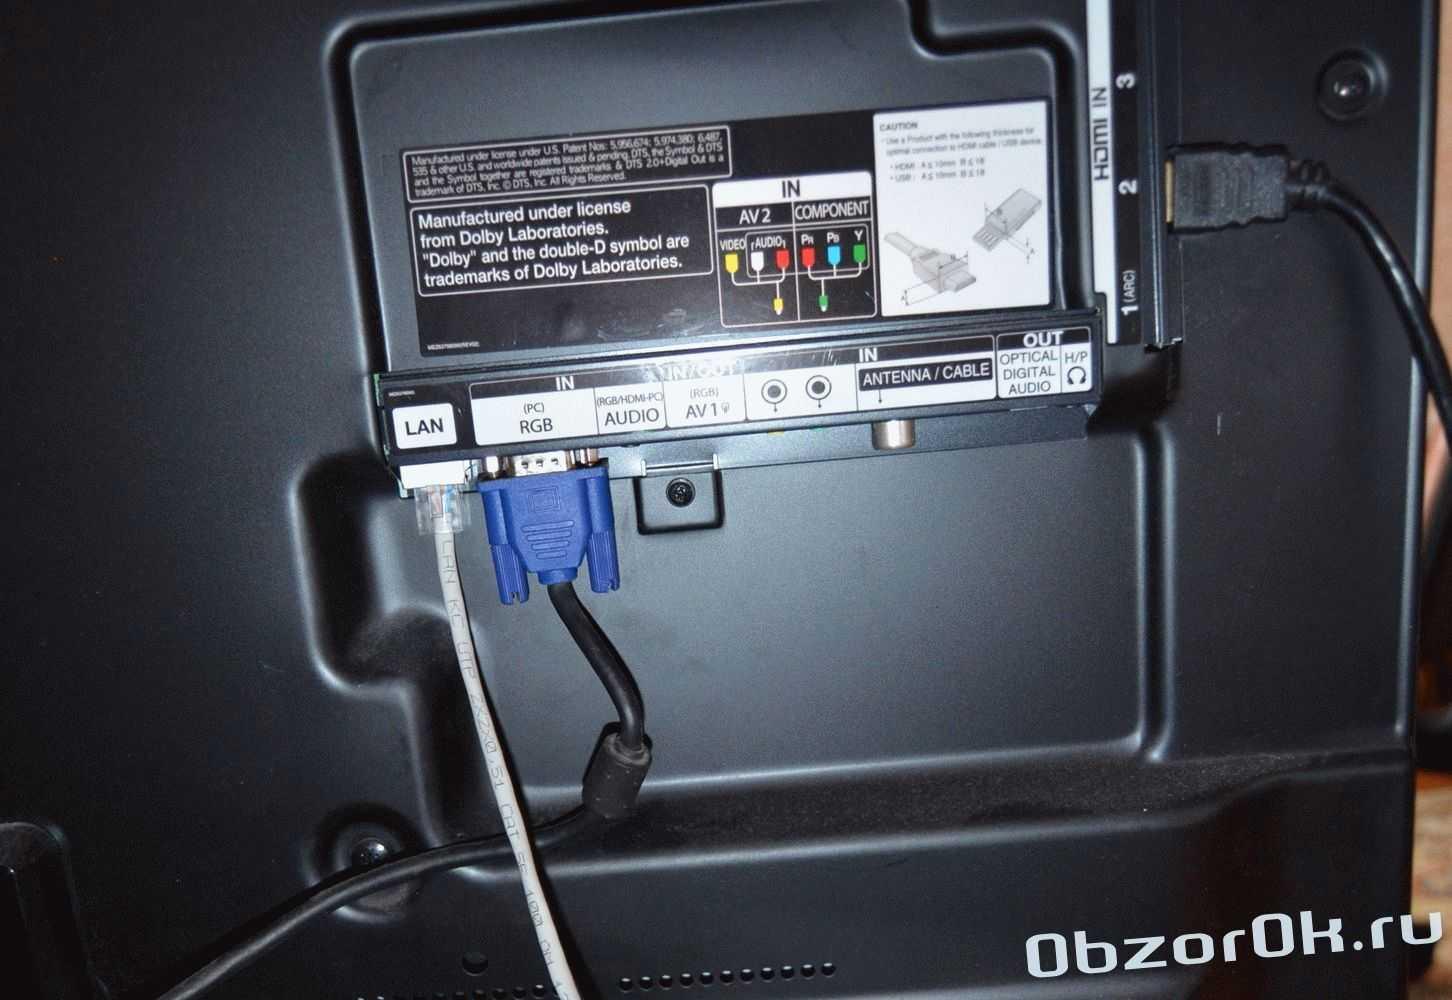 Как подключить телевизор к компьютеру по Wi-Fi | remontka.pro